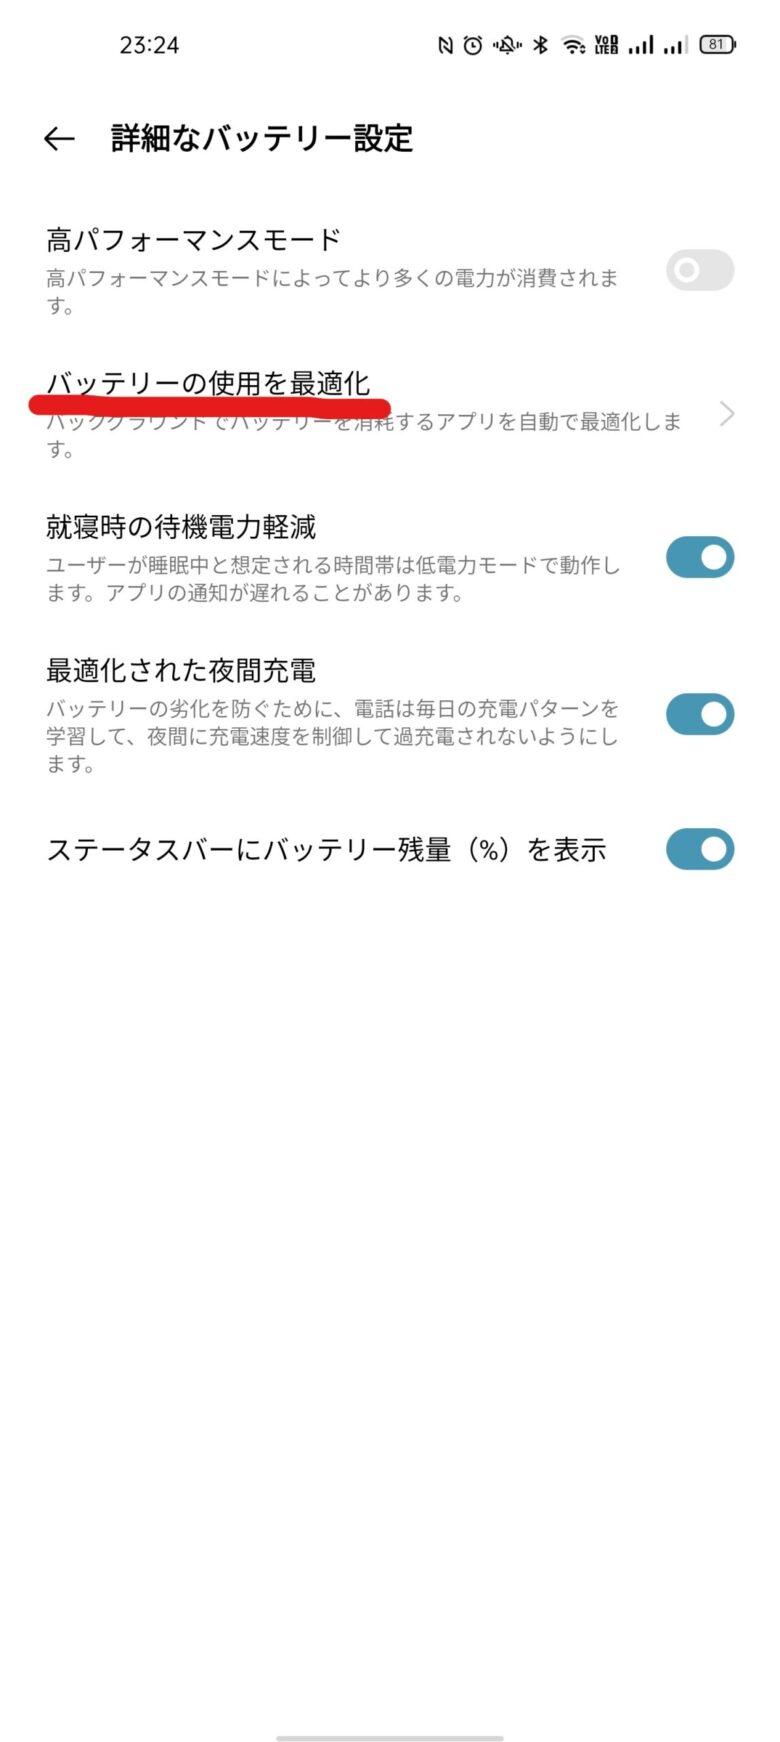 OPPO Find X3 Proの通知設定。バッテリーの使用を最適化の設定画面です。